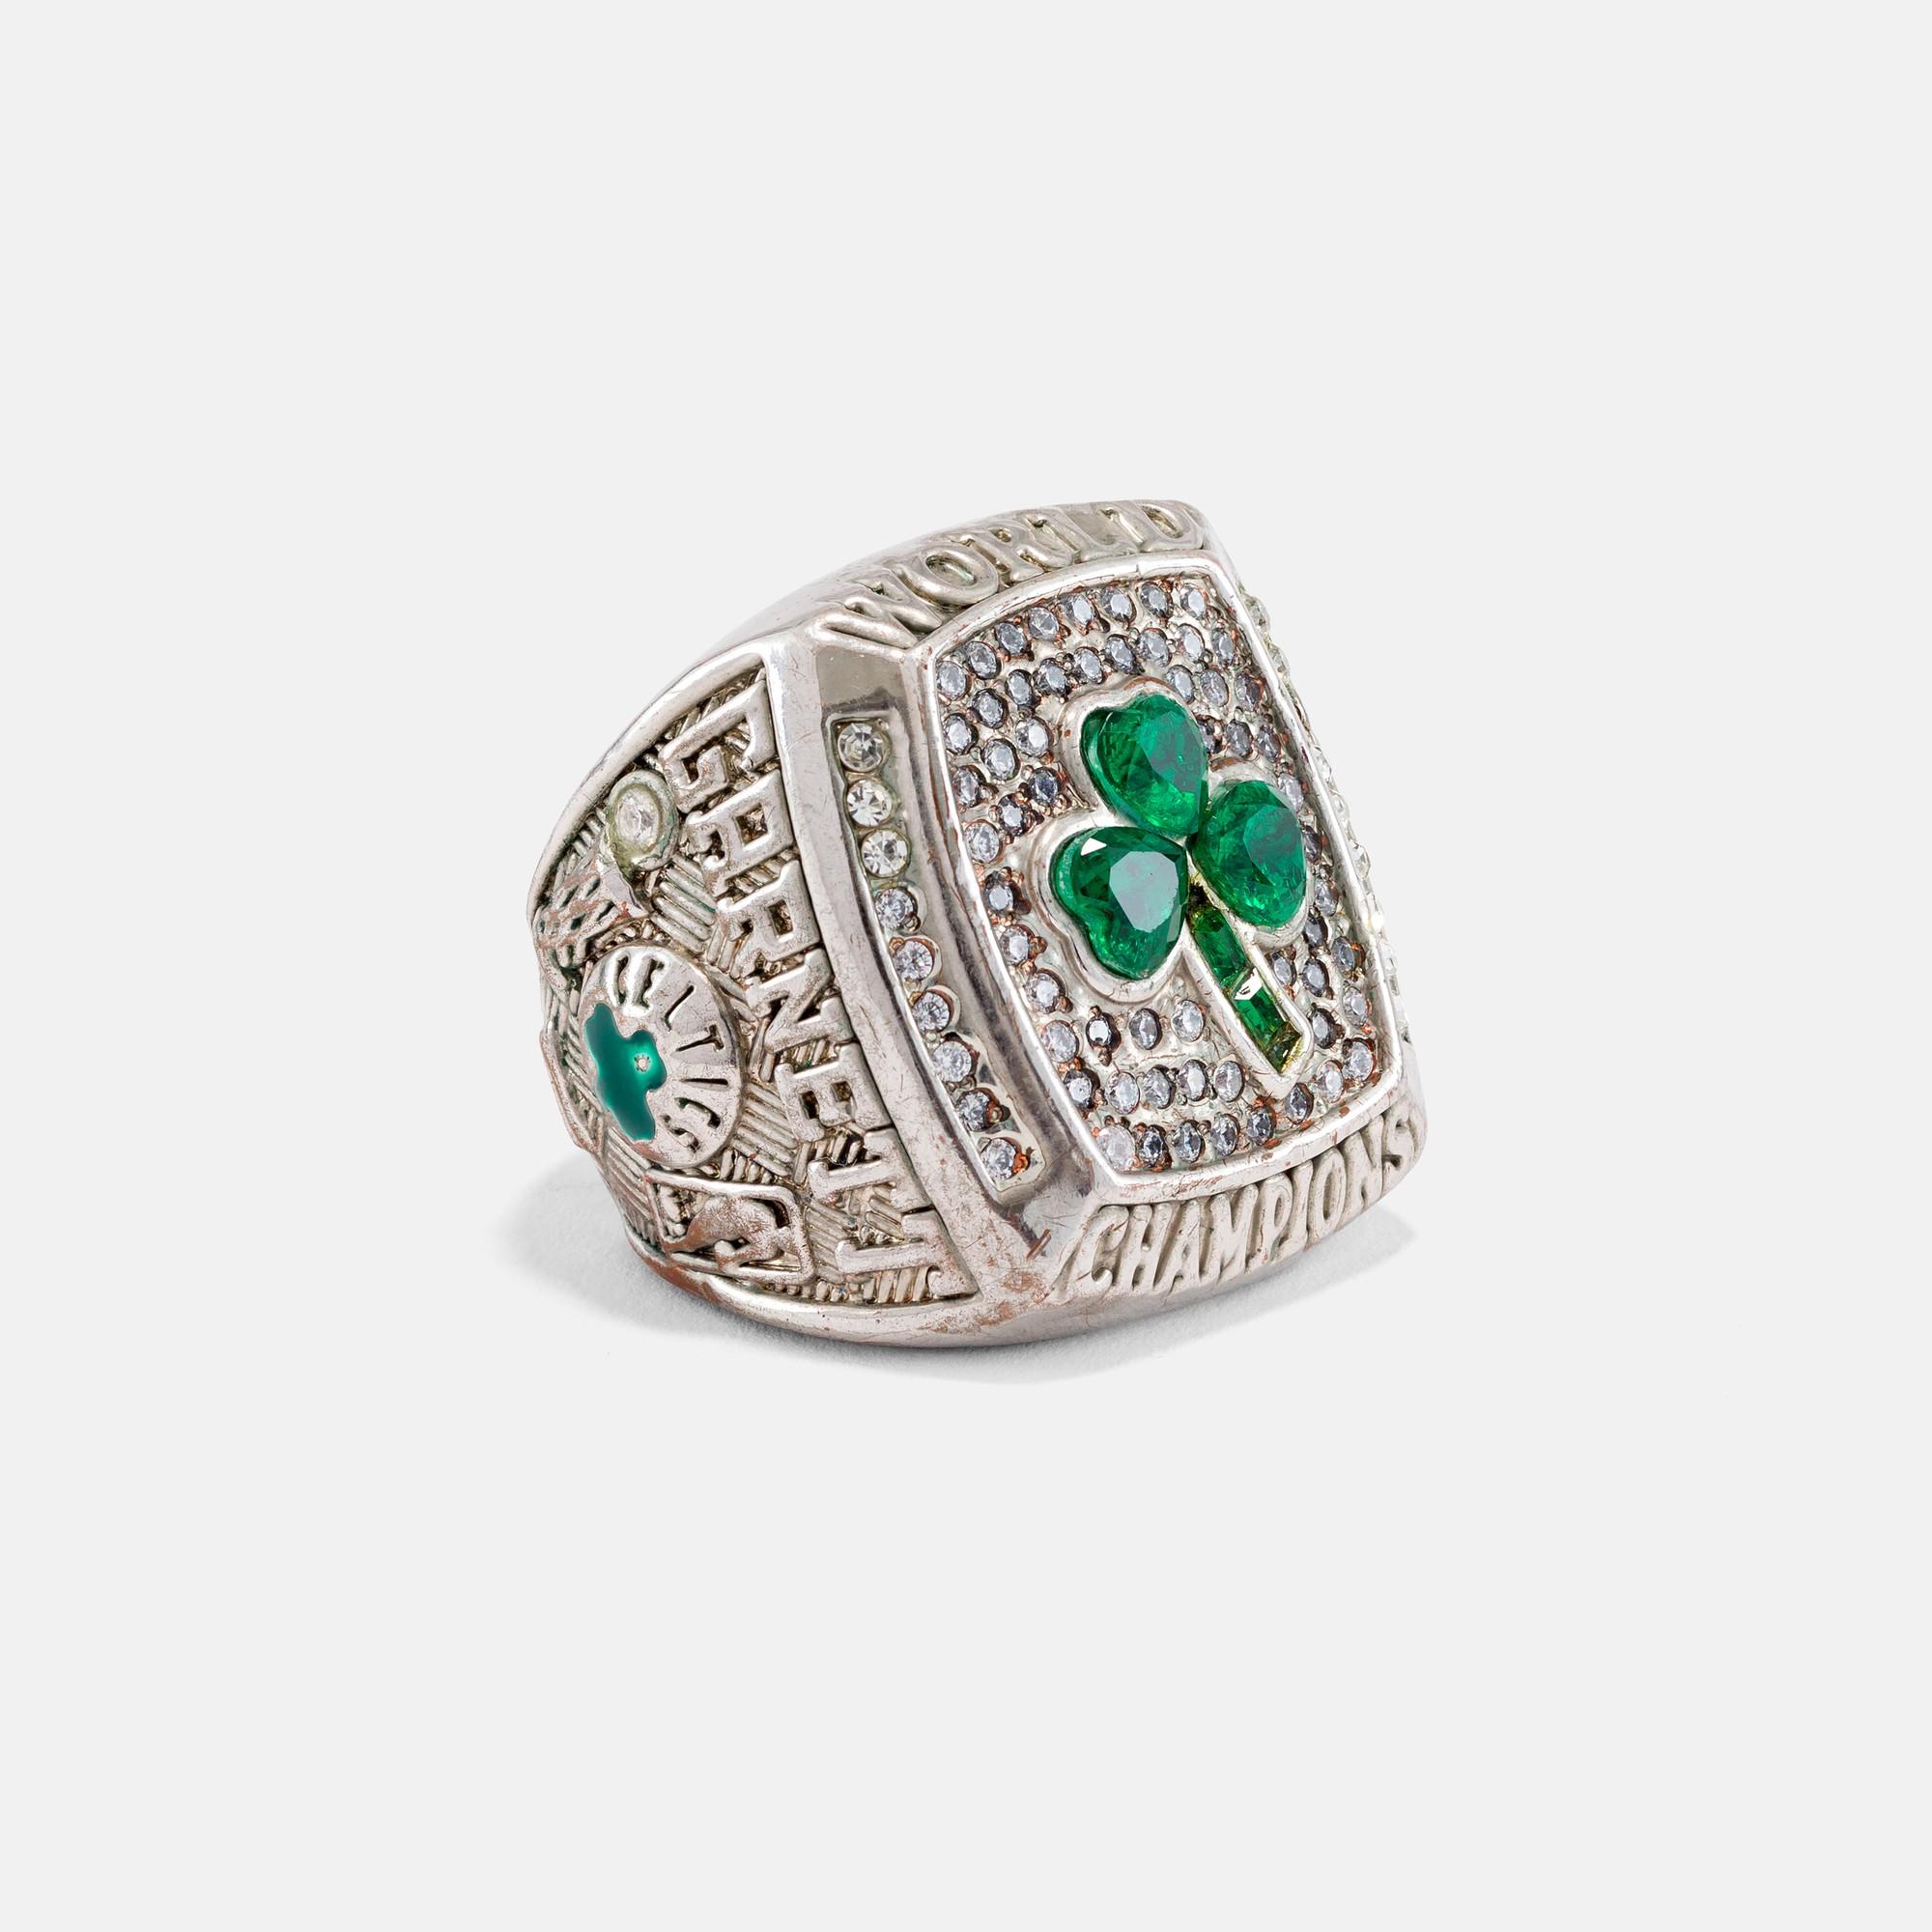 Uncut Gems A24 Auctions